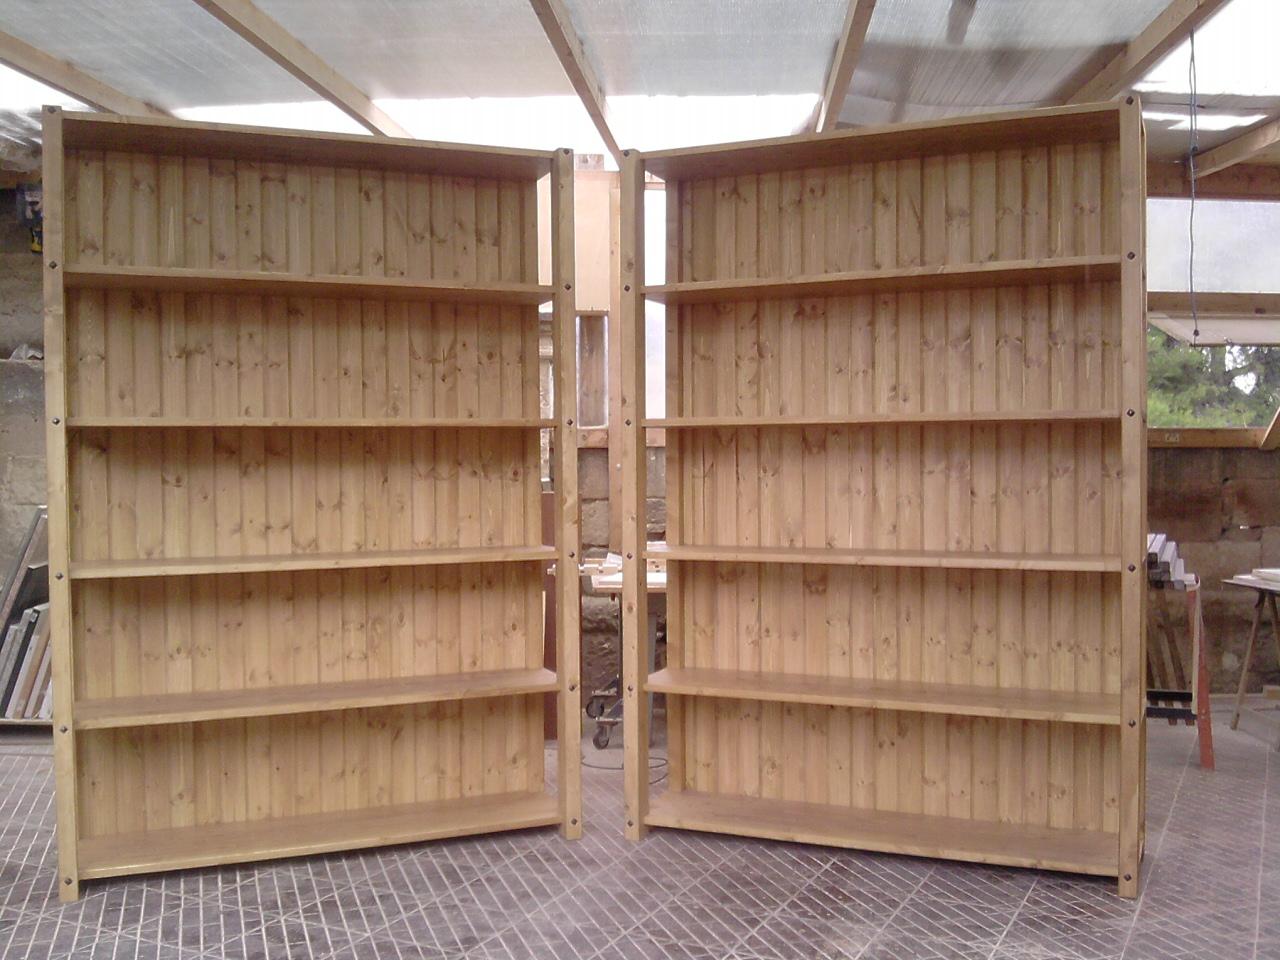 Relativamente scaffali fai da te cq28 pineglen for Scaffali libreria in legno